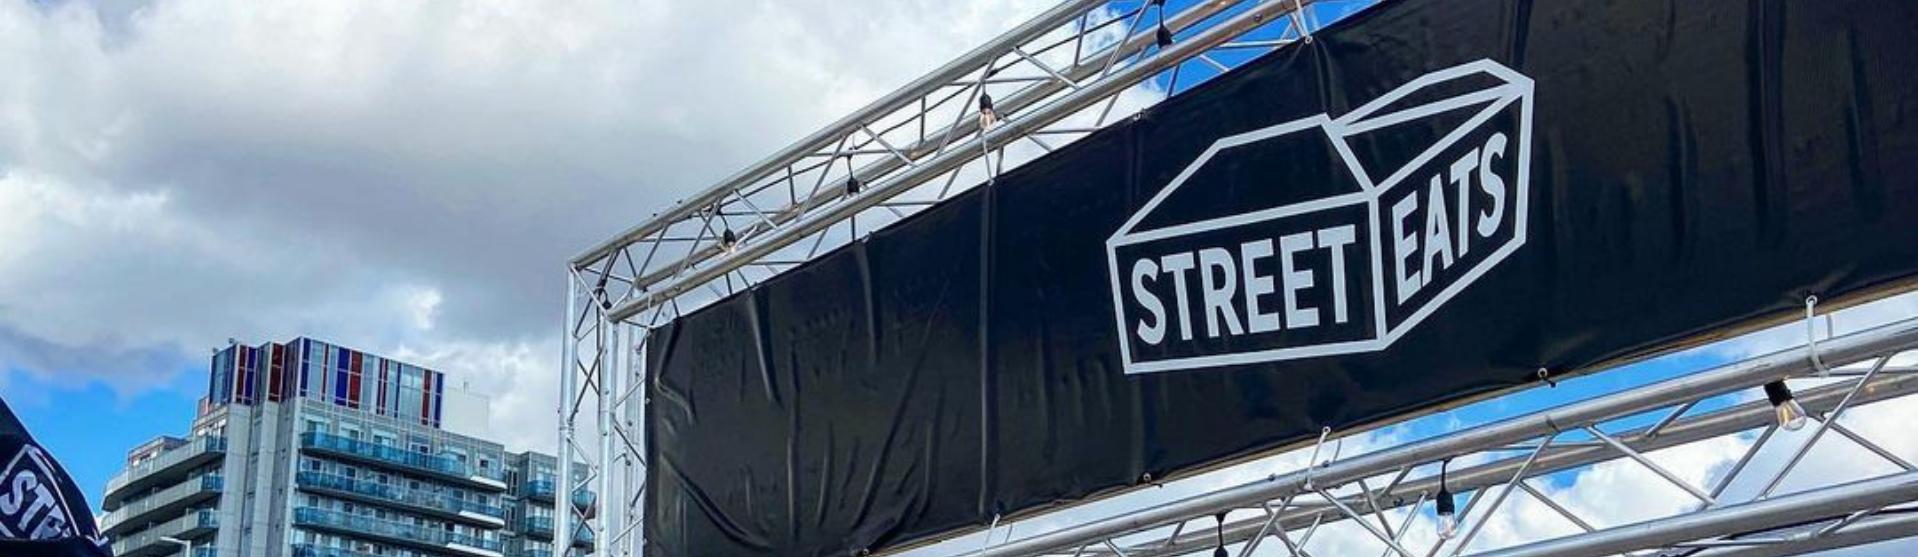 Street Eats Market banner